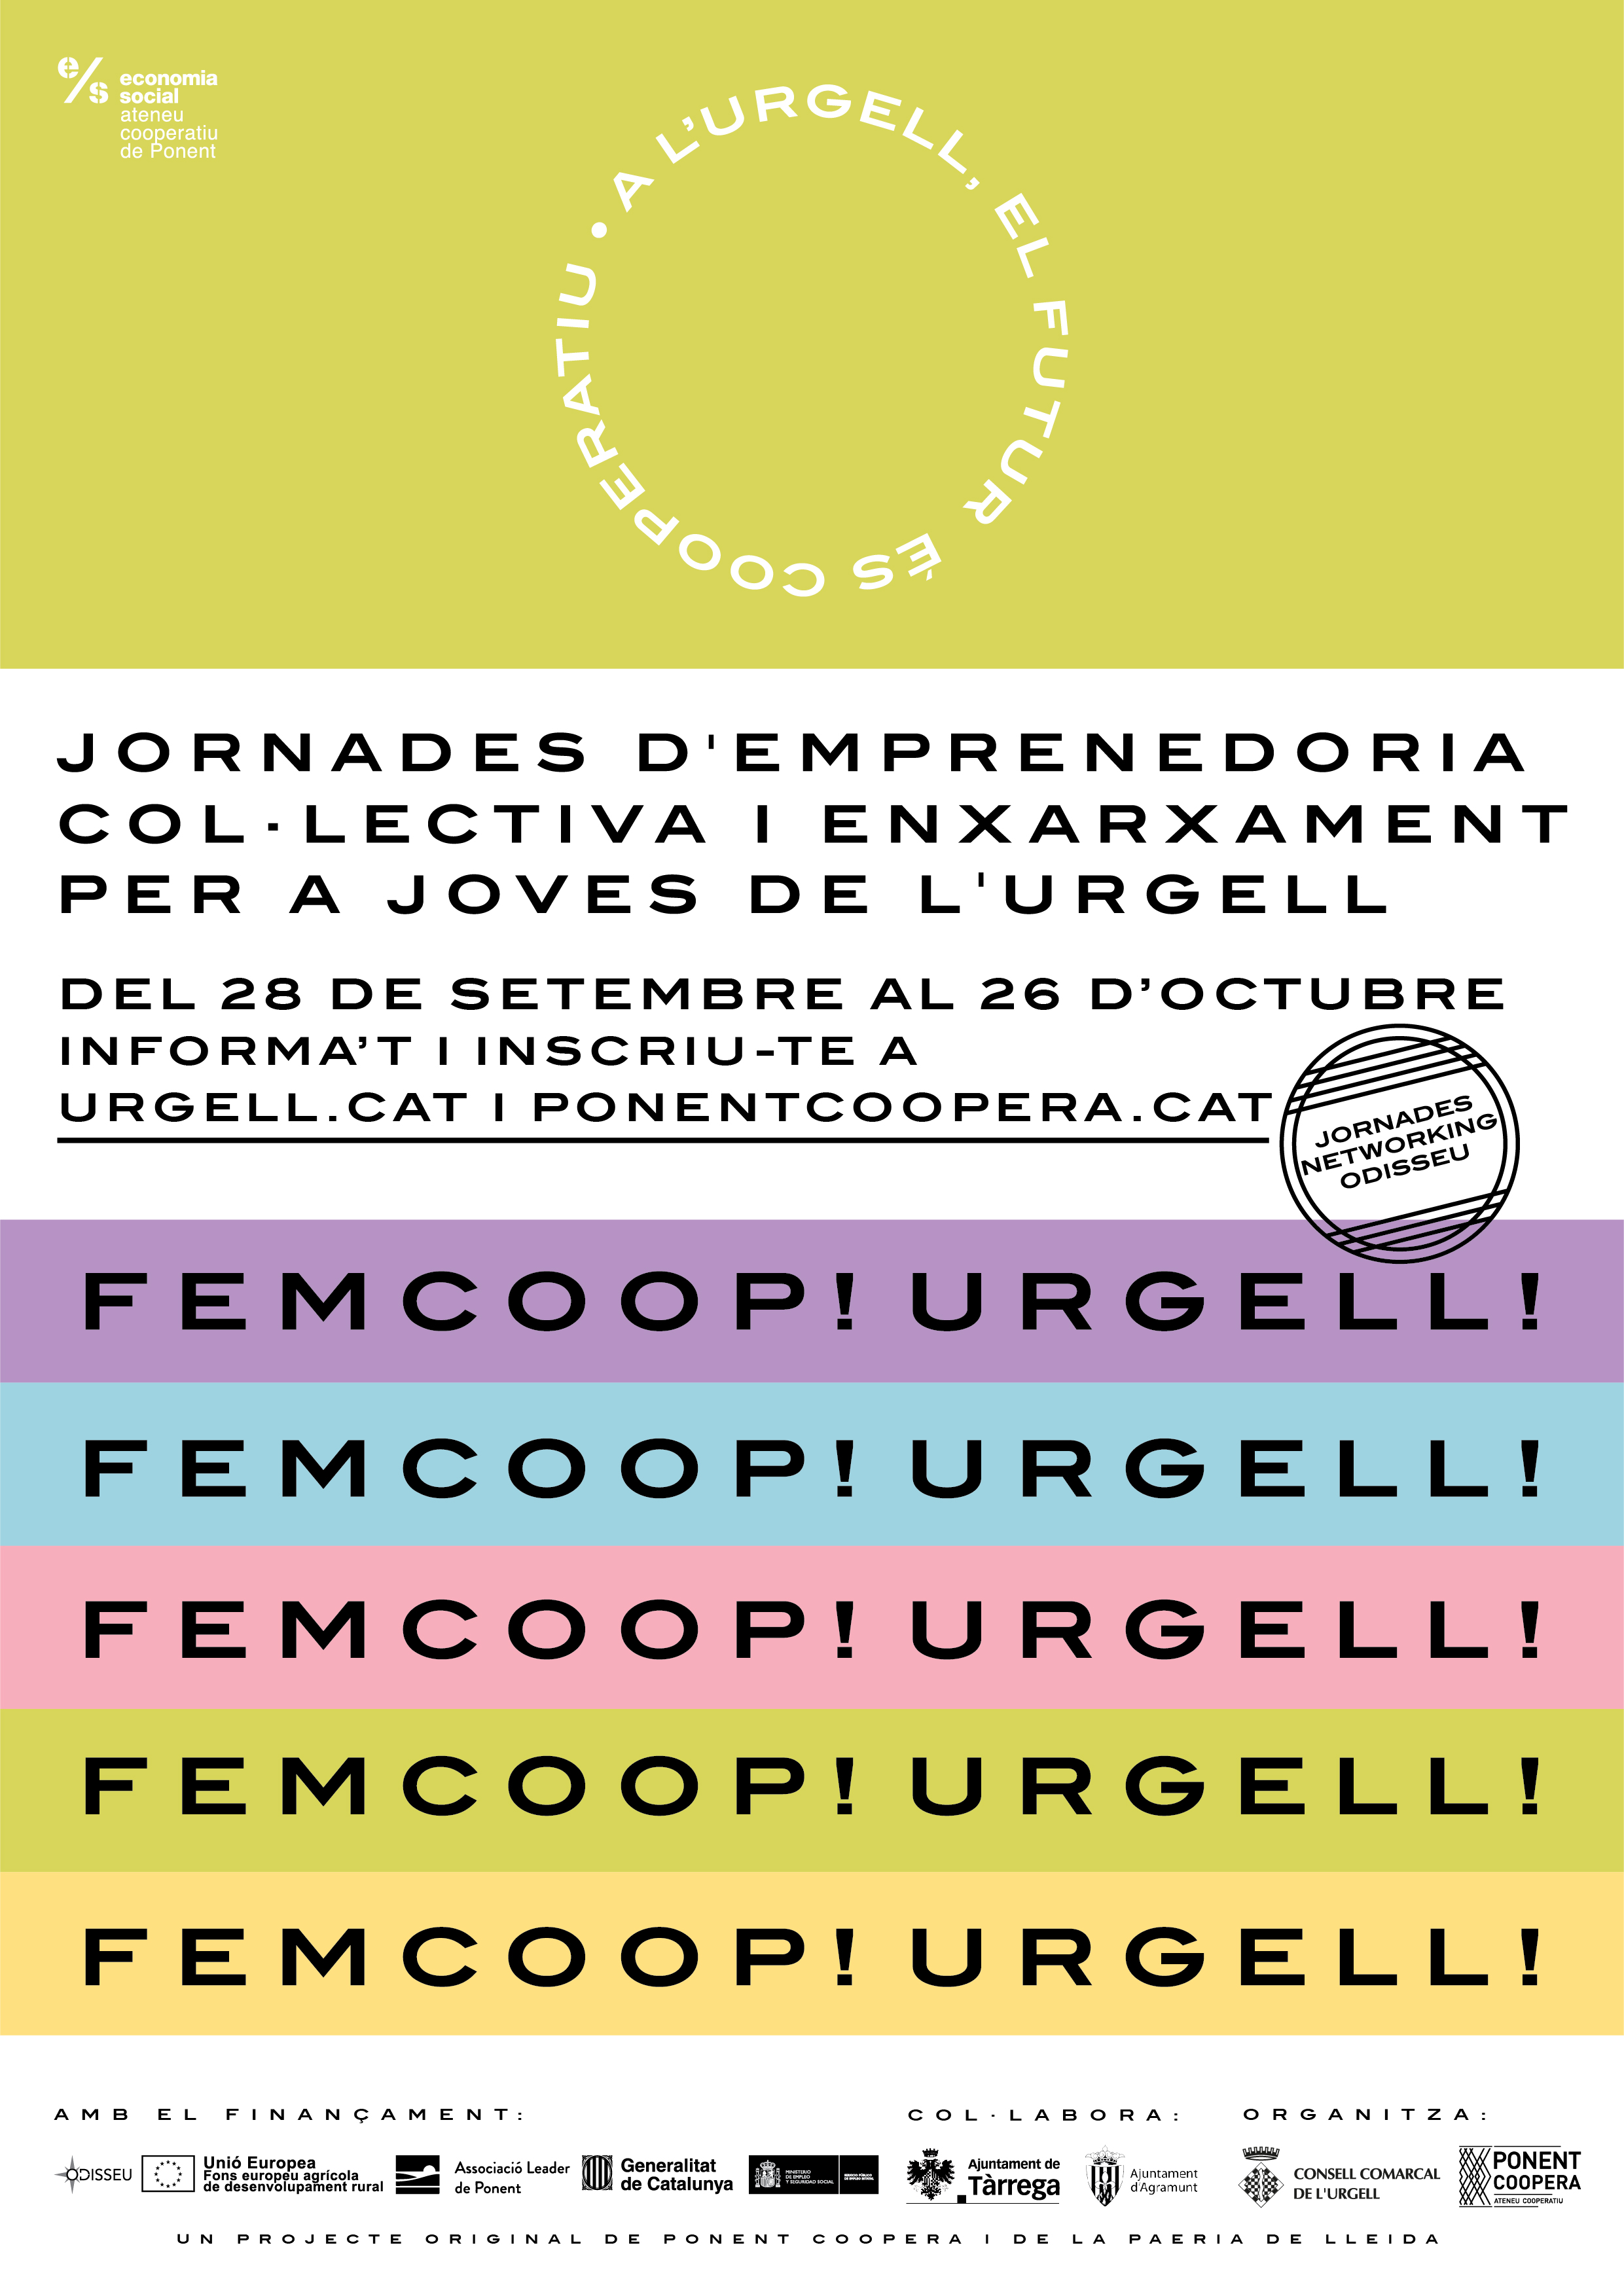 FEMCOOP! Urgell. Jornades d'emprenedoria col·lectiva i enxarxament per a joves de l'Urgell. Sessió 1